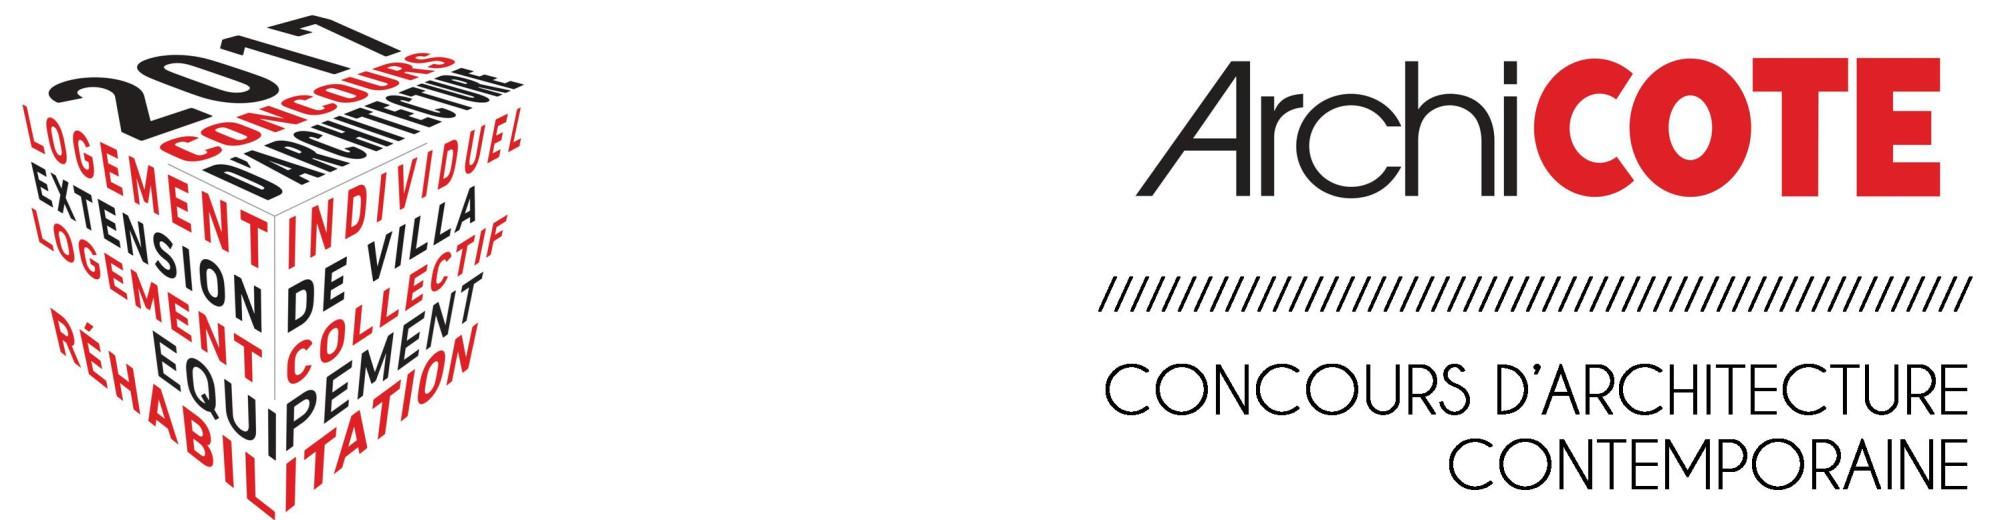 archicote concours d 39 architecture contemporaine organis par le saca et cote magazine. Black Bedroom Furniture Sets. Home Design Ideas